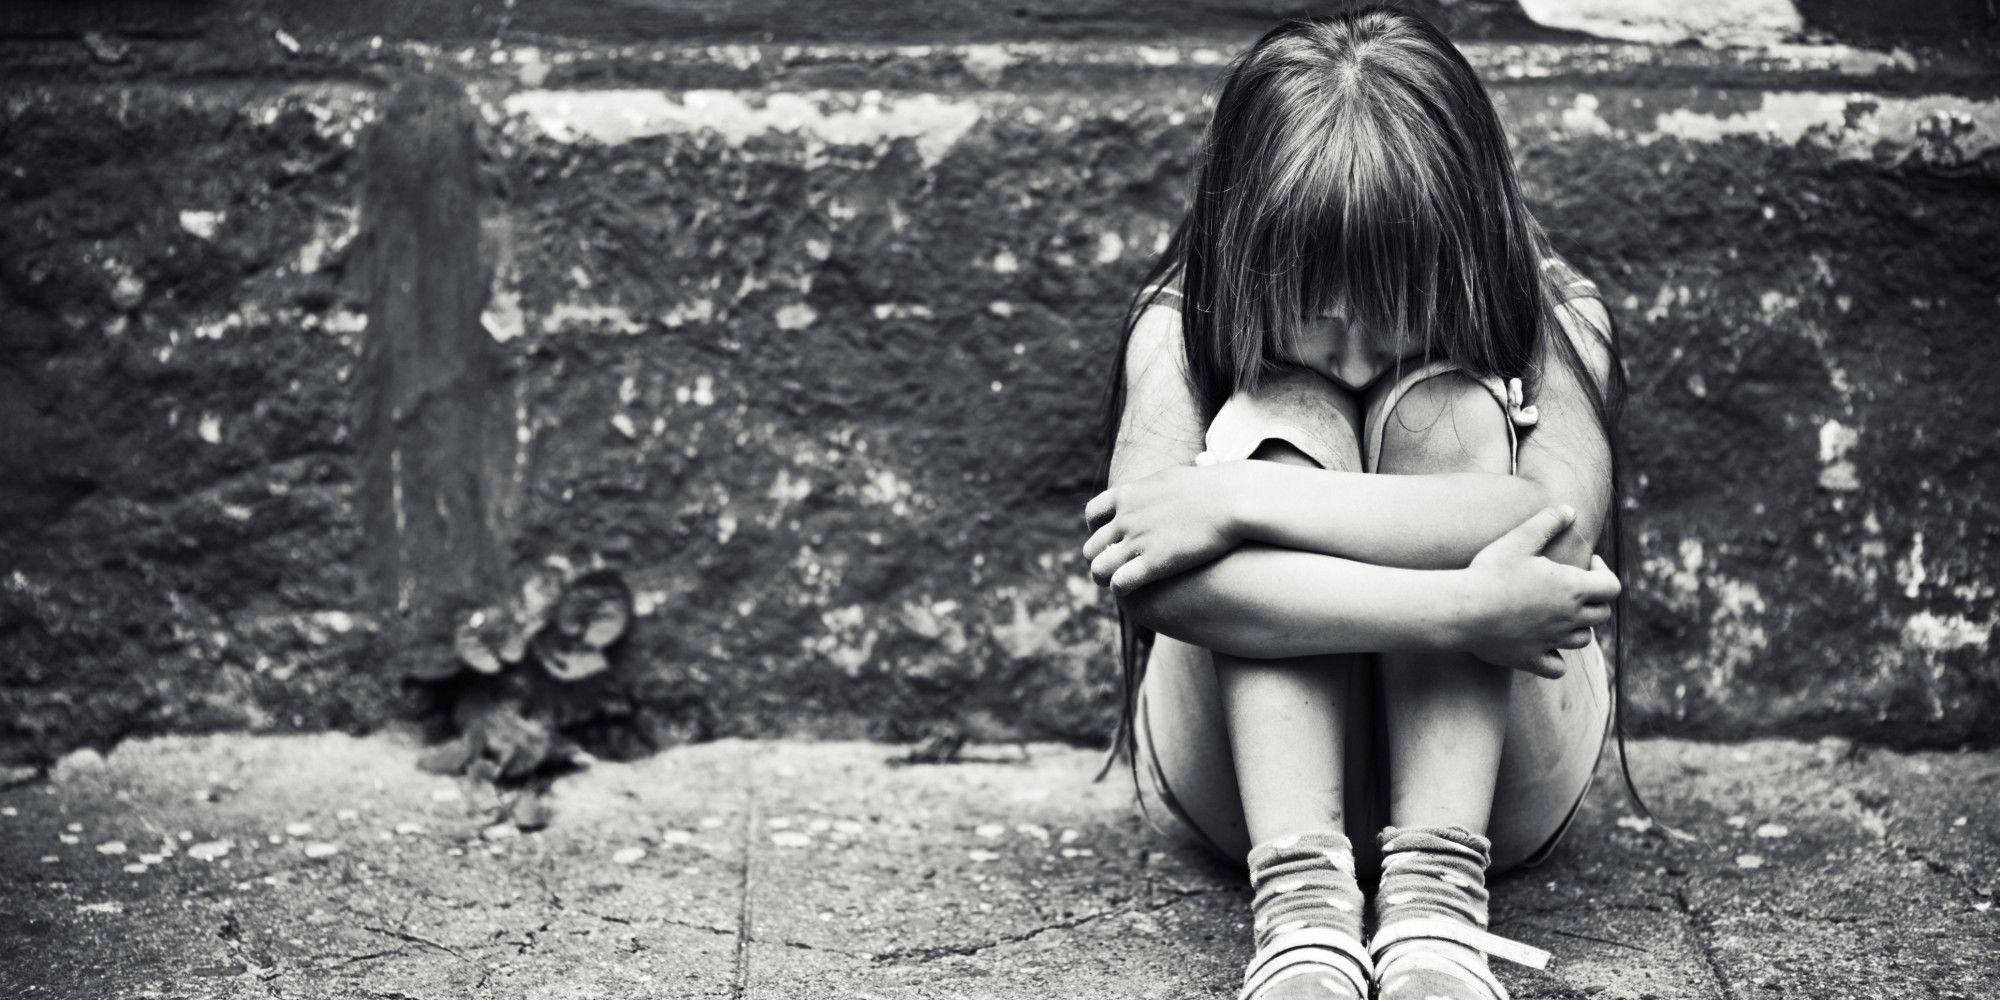 Treviso: anziano pedofilo condannato per gioco erotico con una bambina di otto anni